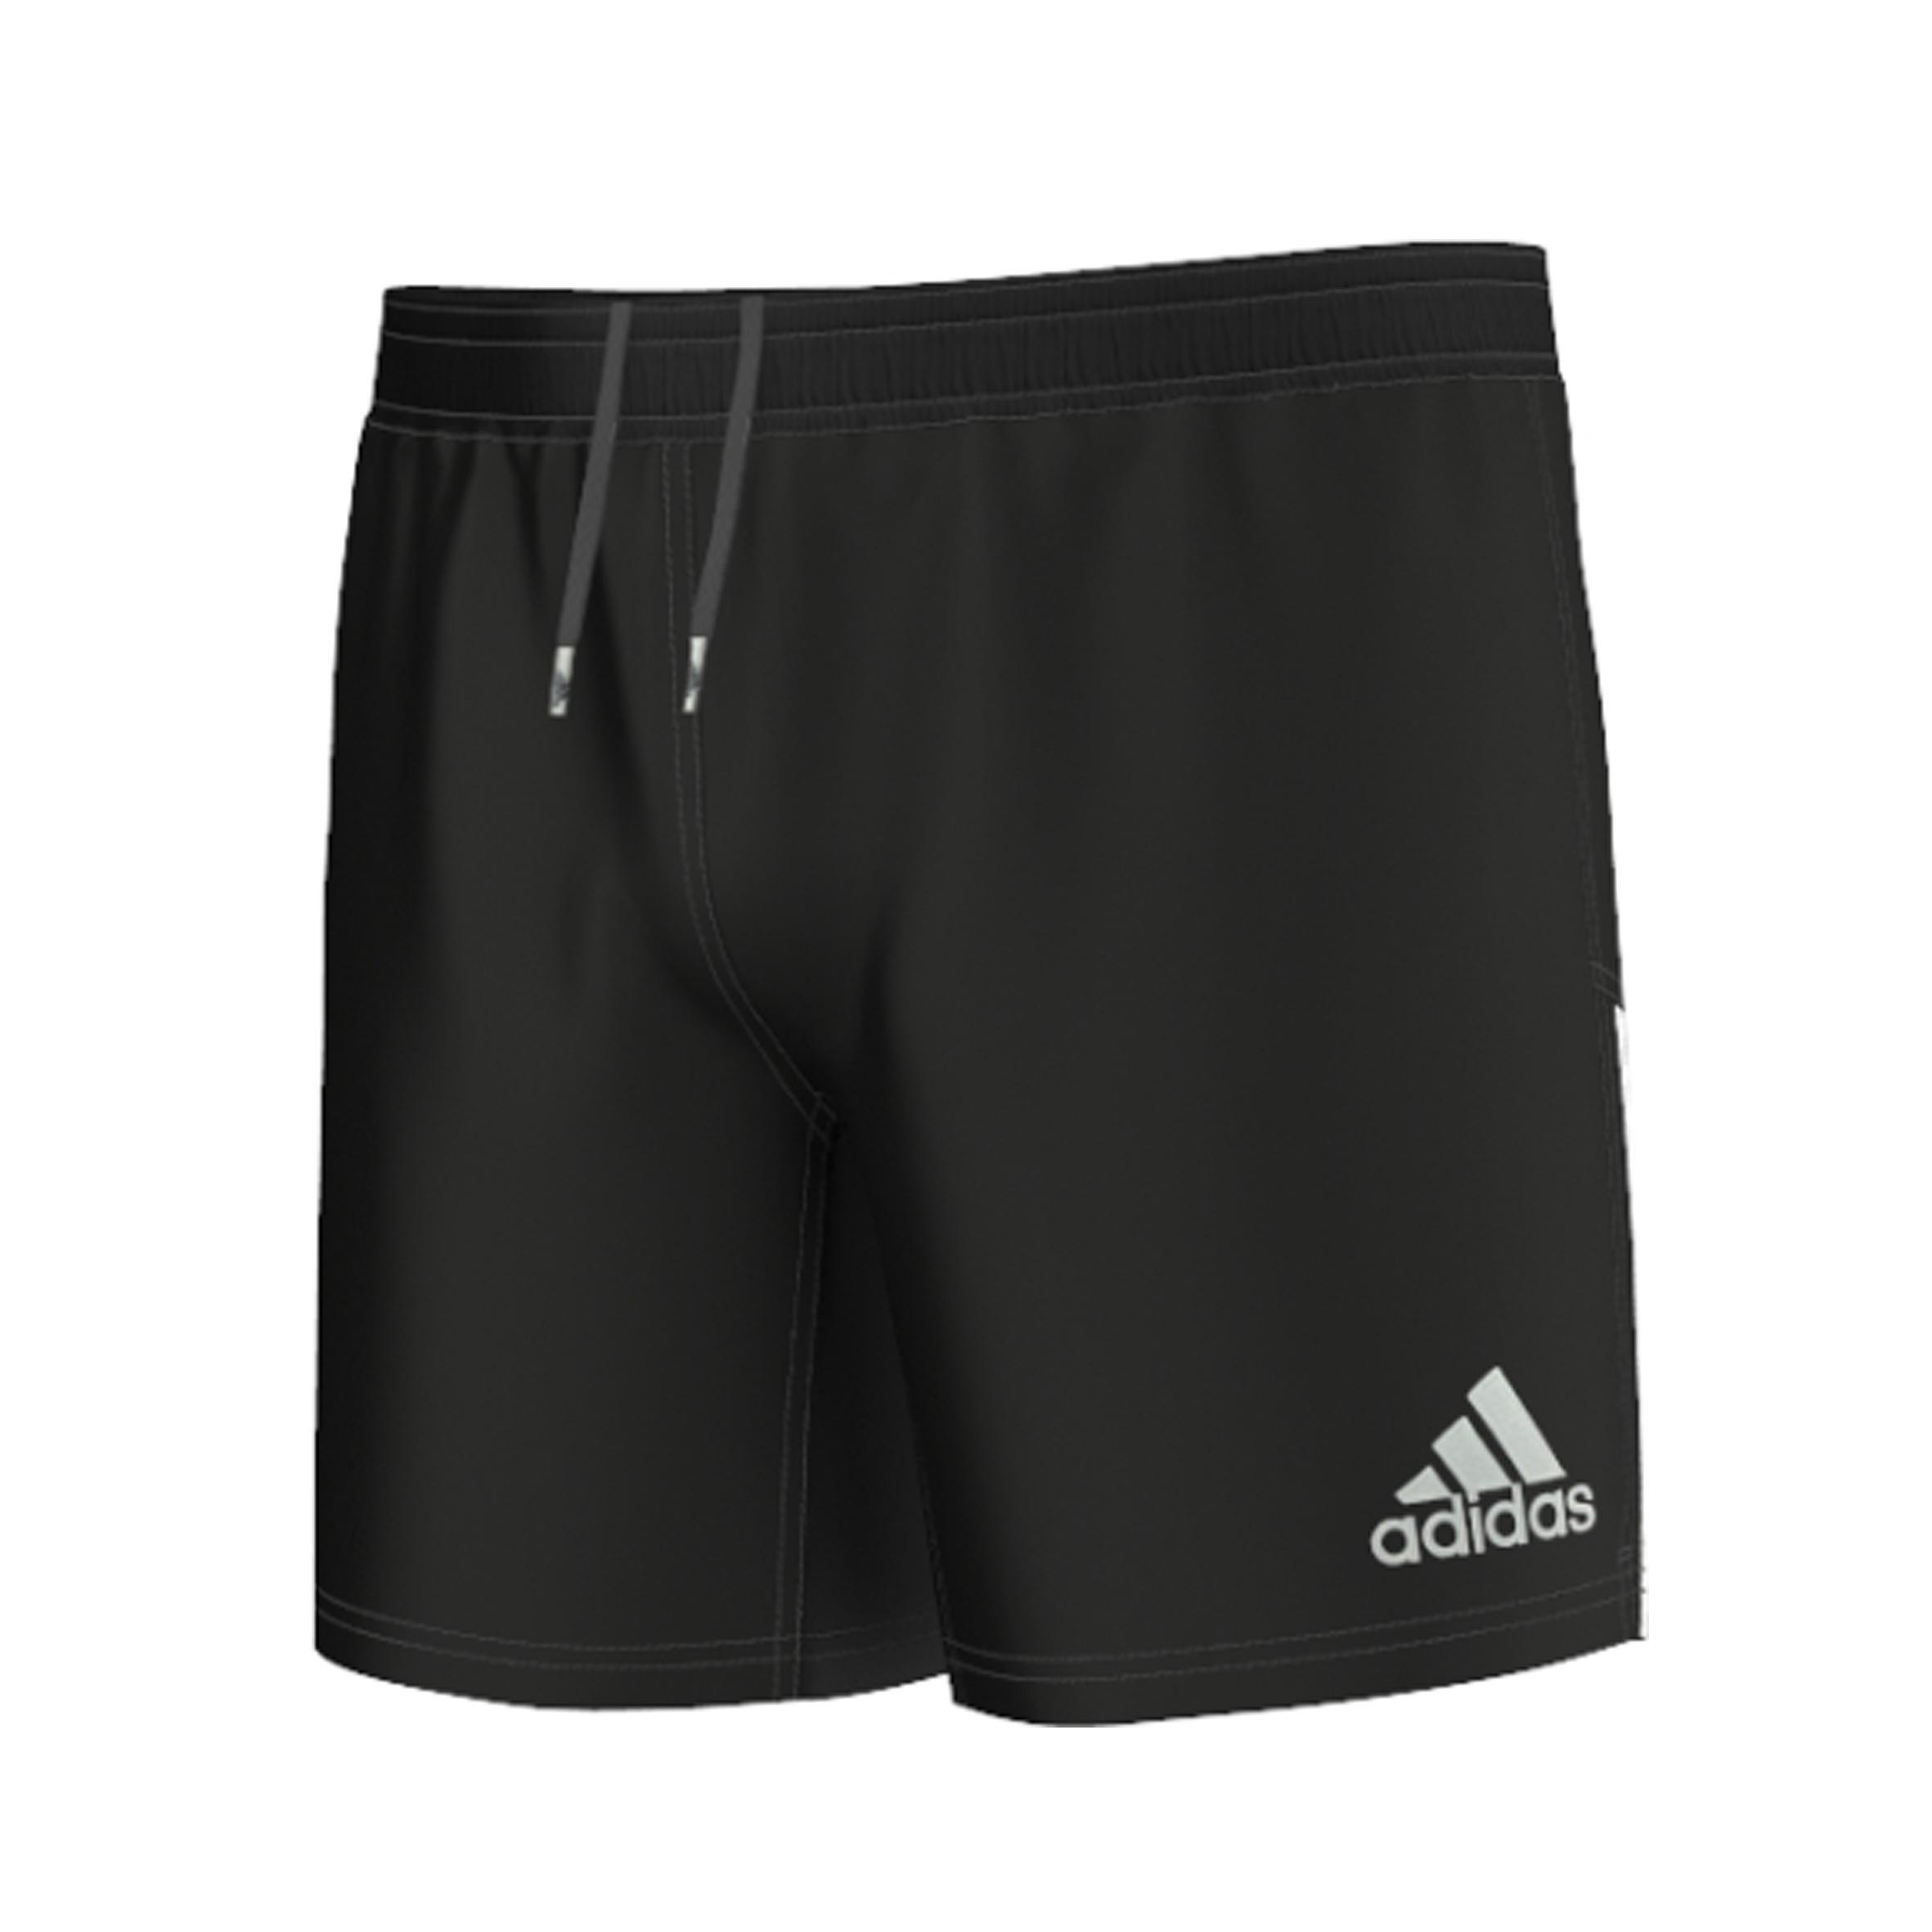 Adidas Rugbyshort 3S voor volwassenen zwart